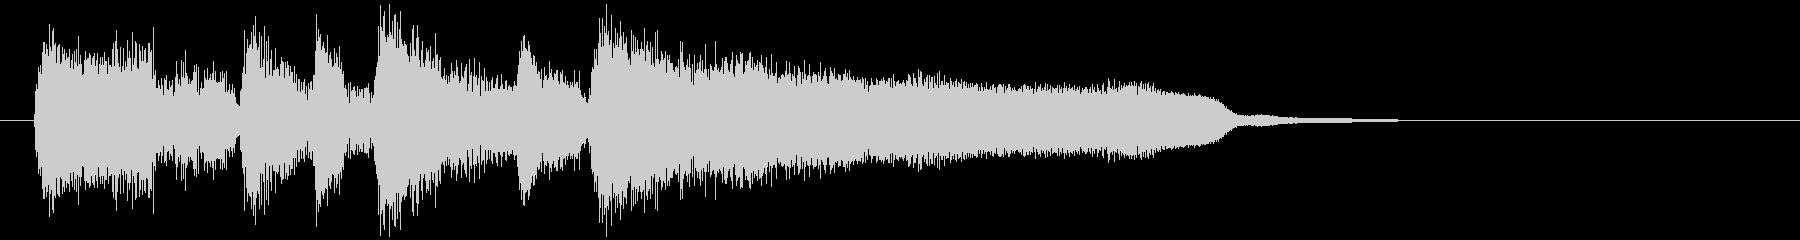 お洒落なサウンドロゴ、サックス生演奏の未再生の波形